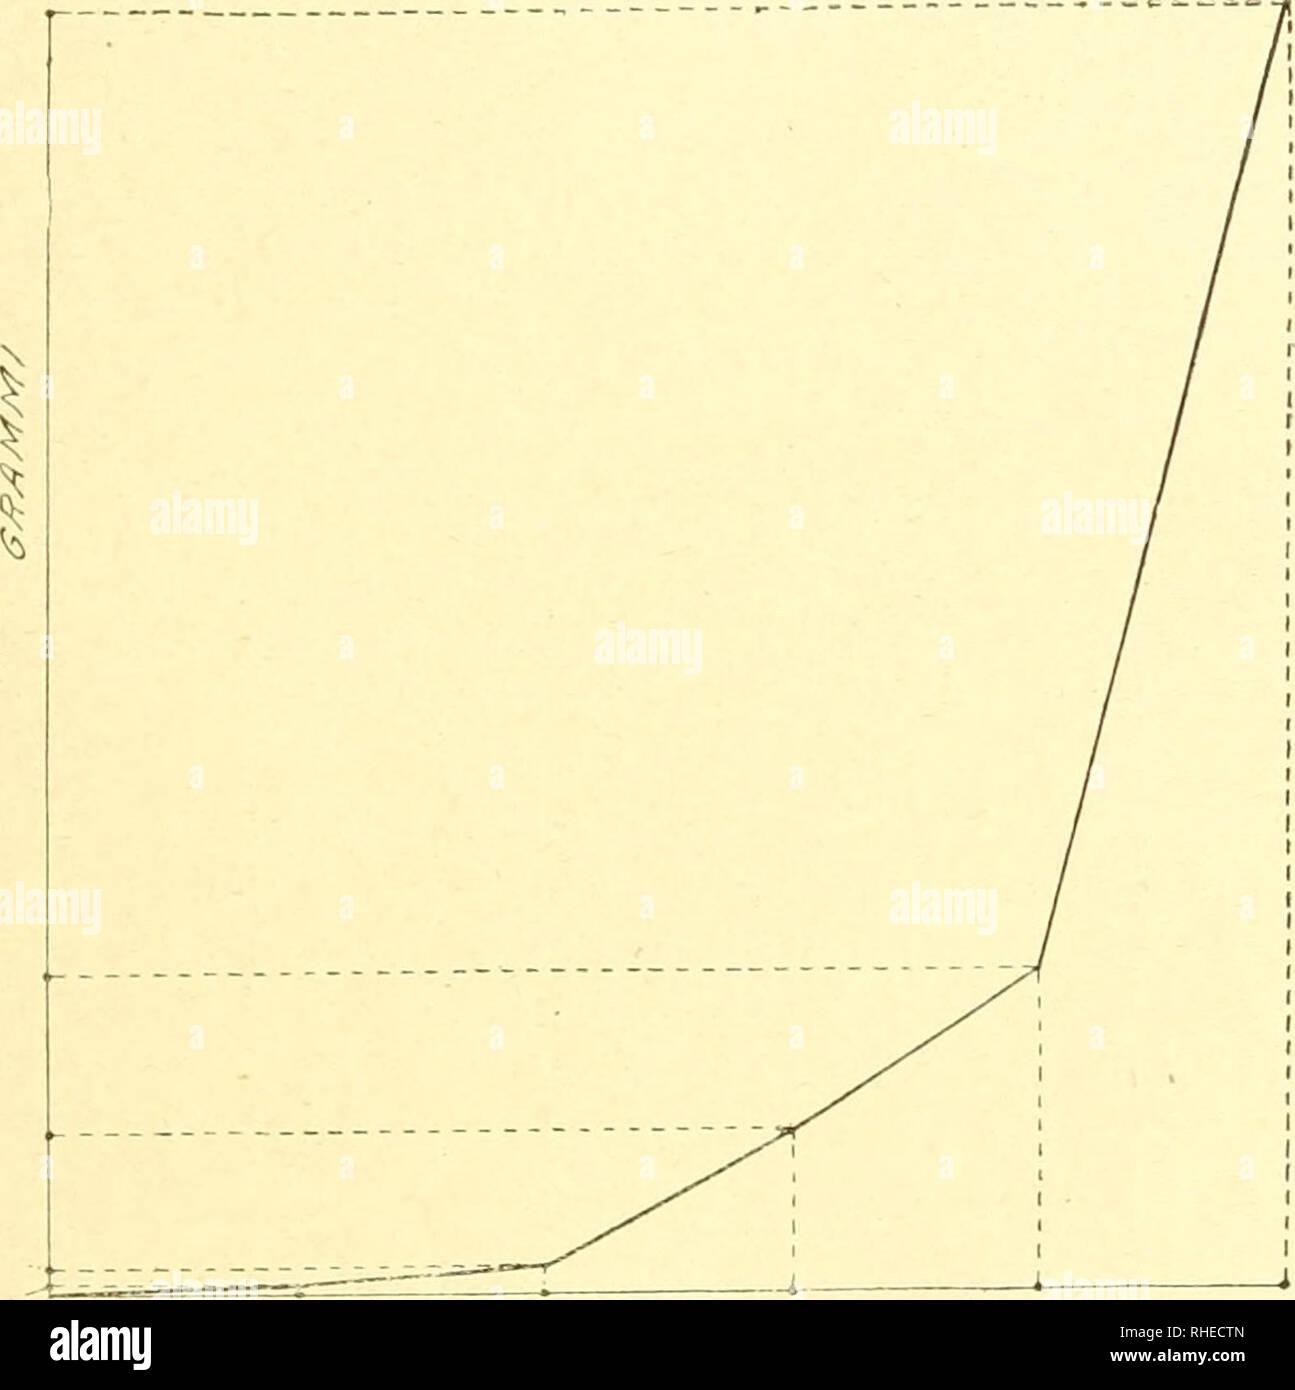 . Bollettino del Laboratorio di Europa generale e Agraria della R. Scuola Superiore d'Agricoltura in Portici. Zoologie; Zoologie, wirtschaftlichen; Entomologie. 61-Kurve simili sono State tracciate per lo Sviluppo di Pesci e mam-miferi, interpreta Questa curva kommen Übersetzung dell'intossica-riori â Egli aggiunge Io non conosco Documenti; ma Sono 0,0 5 0,007. 0.00056 ETA   c2 S/0.9Af/Abb. I. in der Curva di Sviluppo del Baco (Secondo i Dati del Ciccone). (. Sulle ascisse la Ungefähre Laufzeit delle età in Tage, considerata uguale pro tutte, sulle Ordinate il Peso iniziale delle età i.e. granimi). convinto che 1'ac Stockfoto